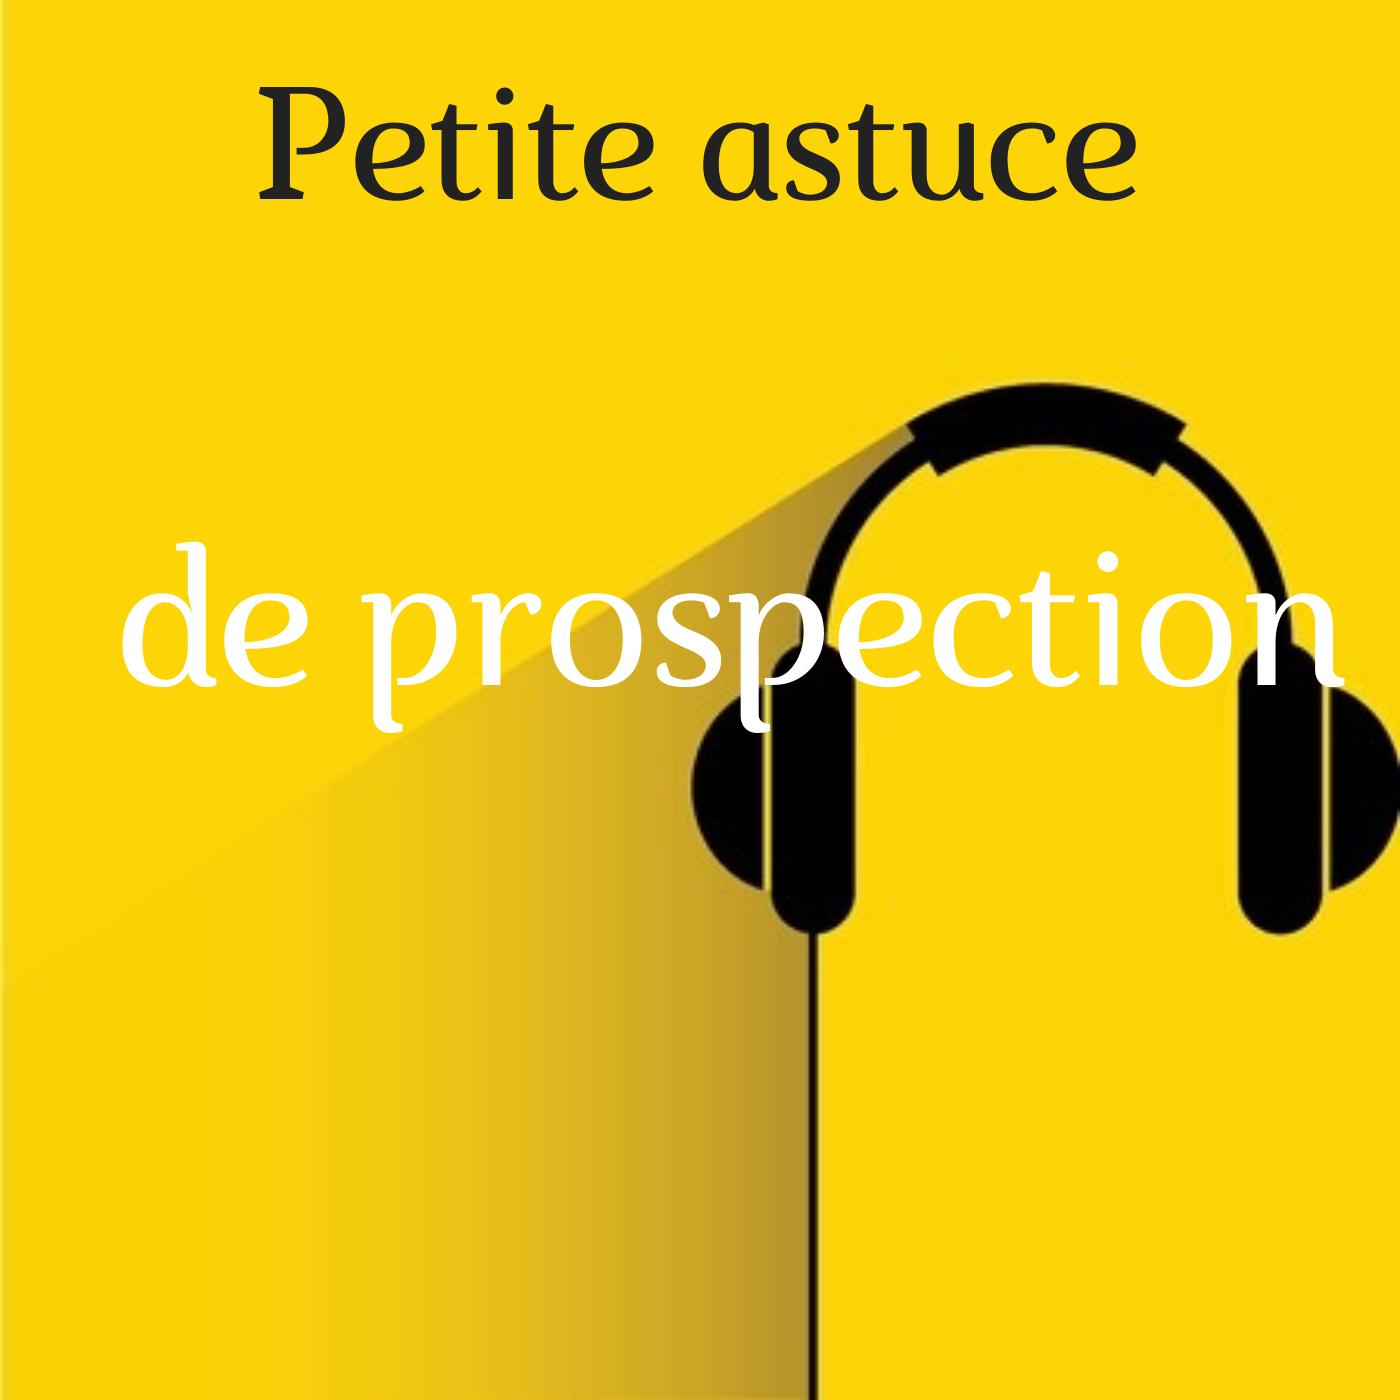 Petite astuce de prospection